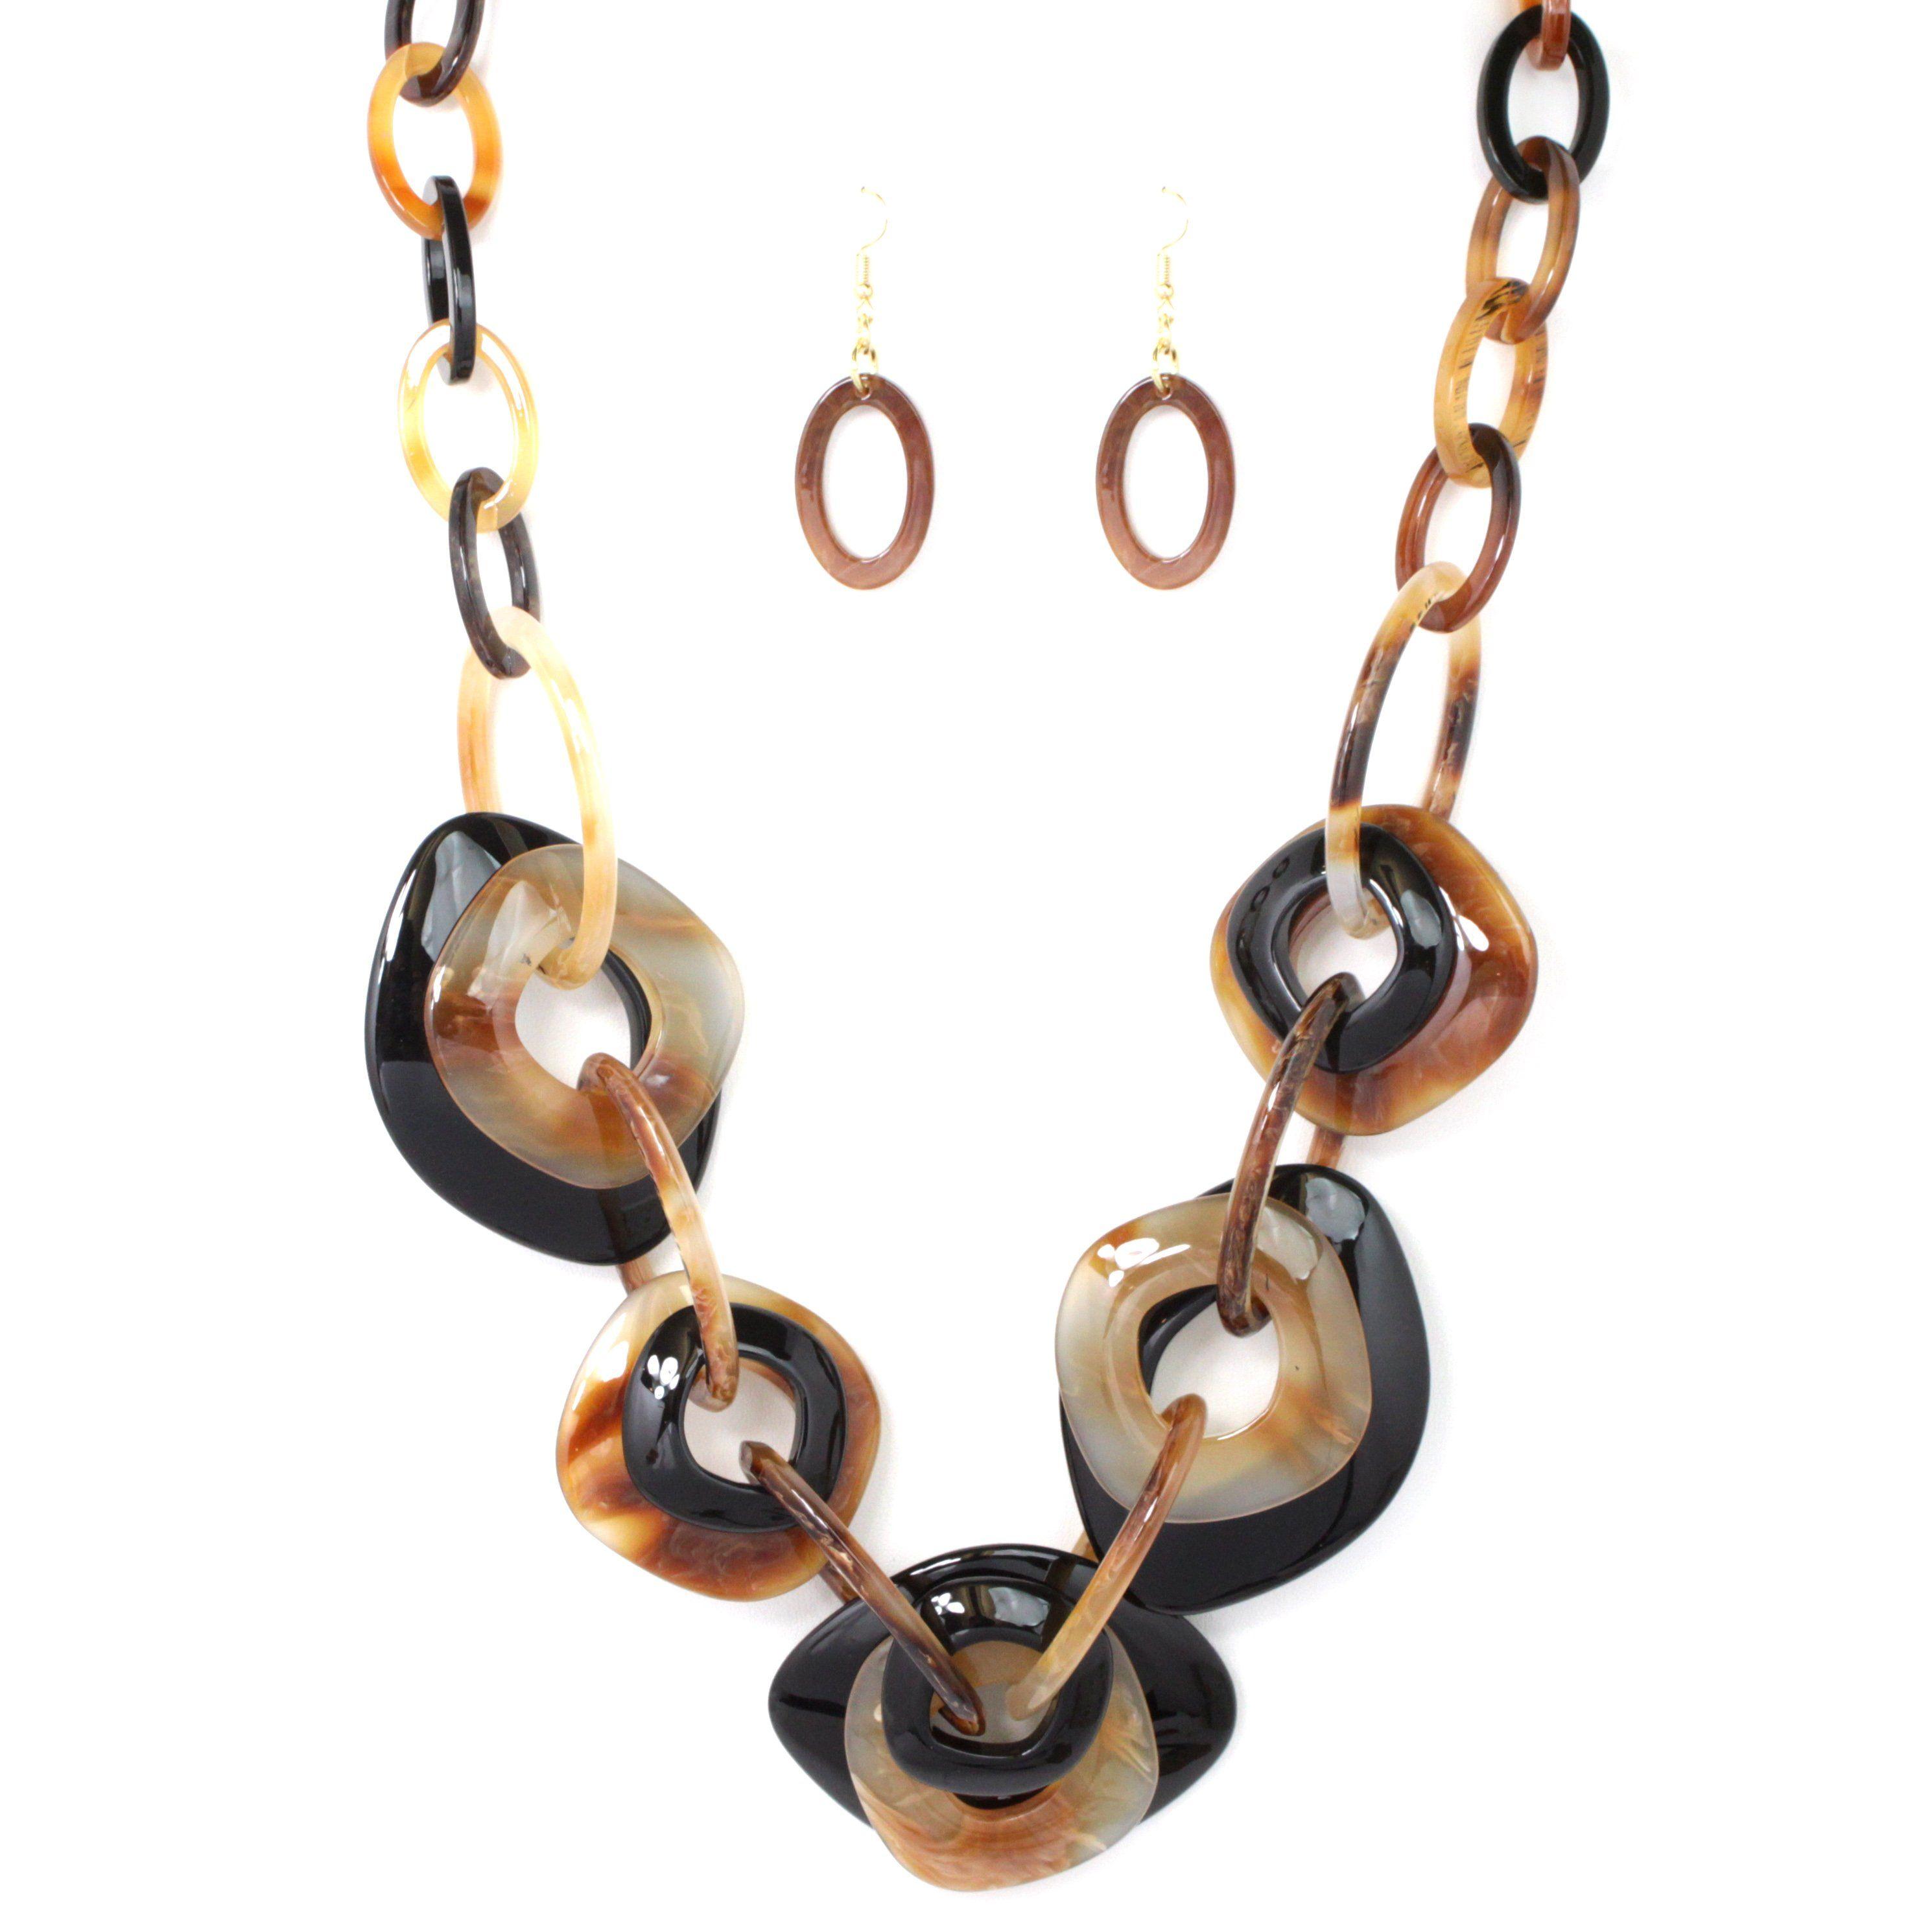 Celluloid Color Link Necklace